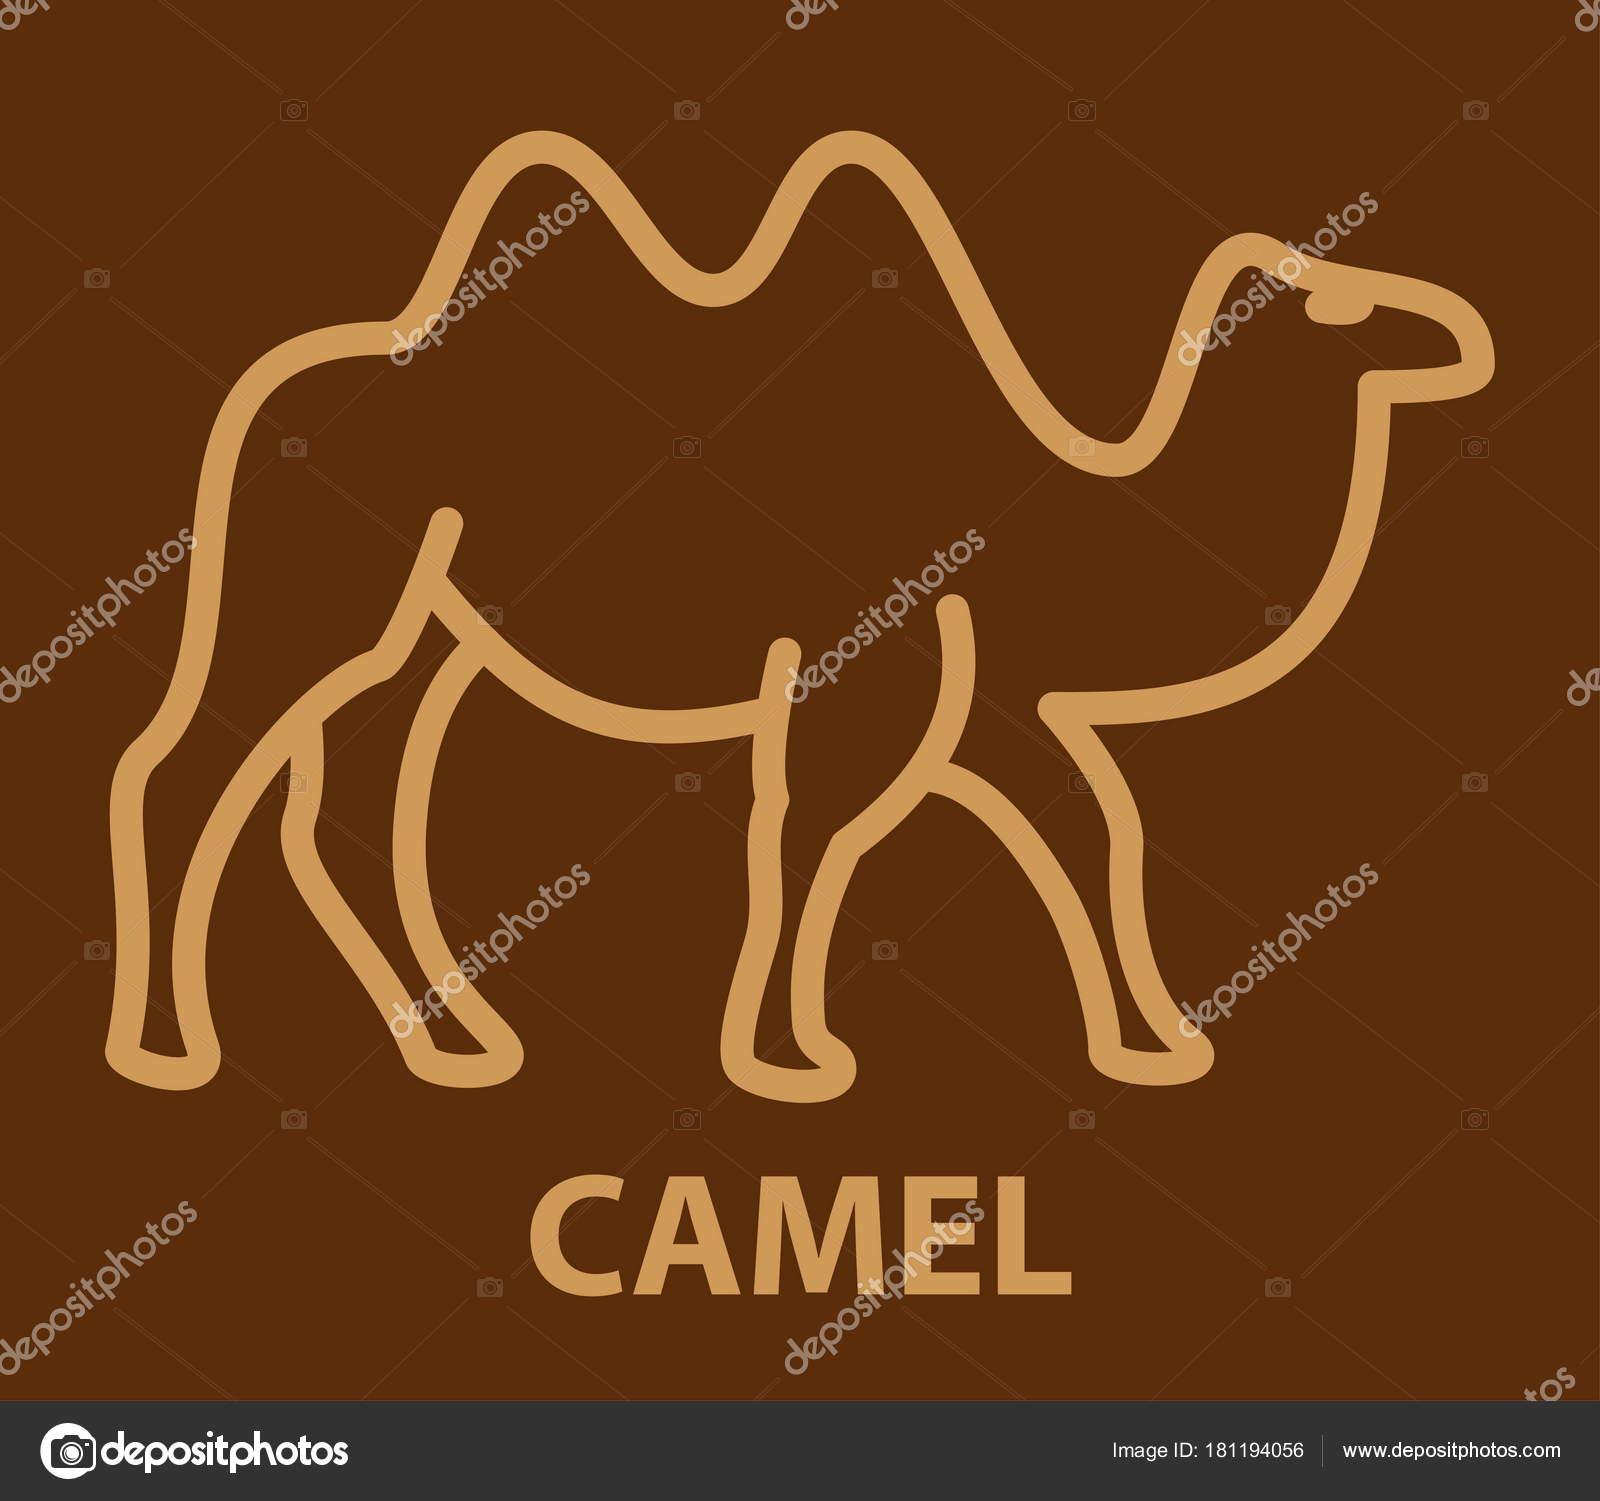 Icono de camello en estilo lineal — Archivo Imágenes Vectoriales ...